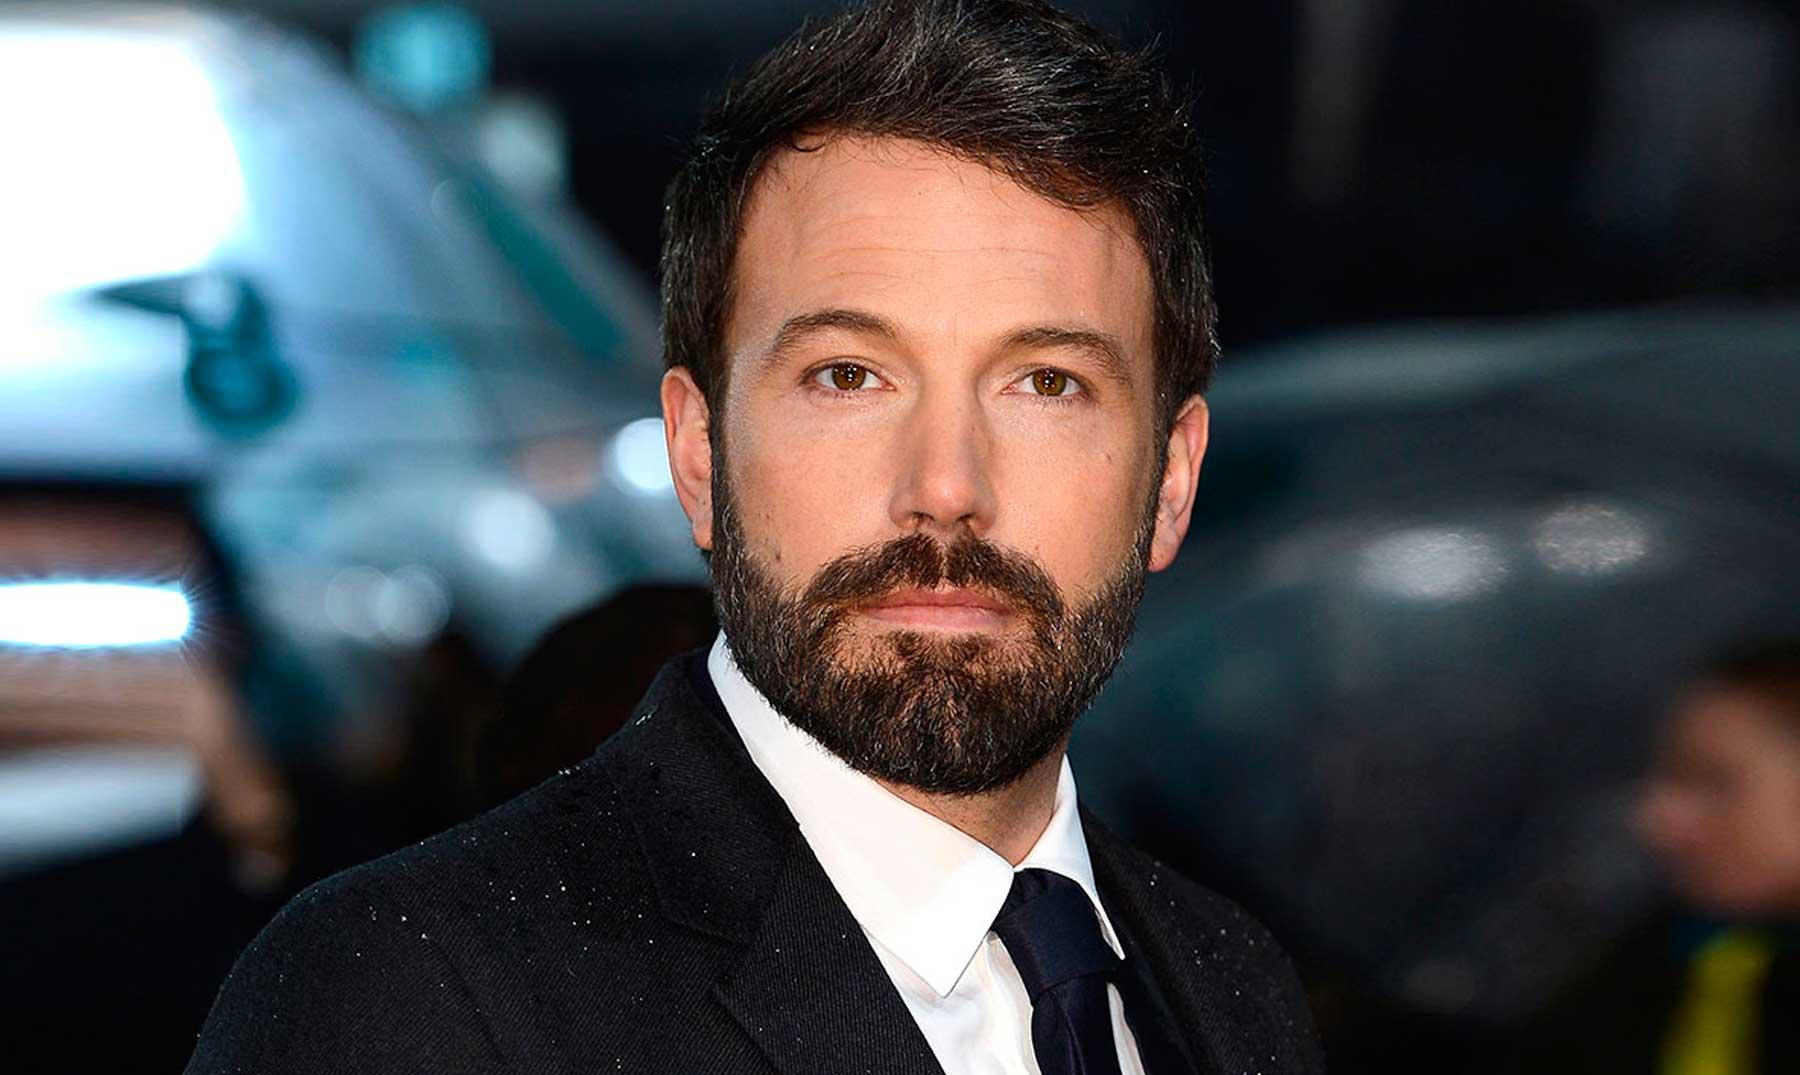 ¿Son los hombres con barba más atractivos?